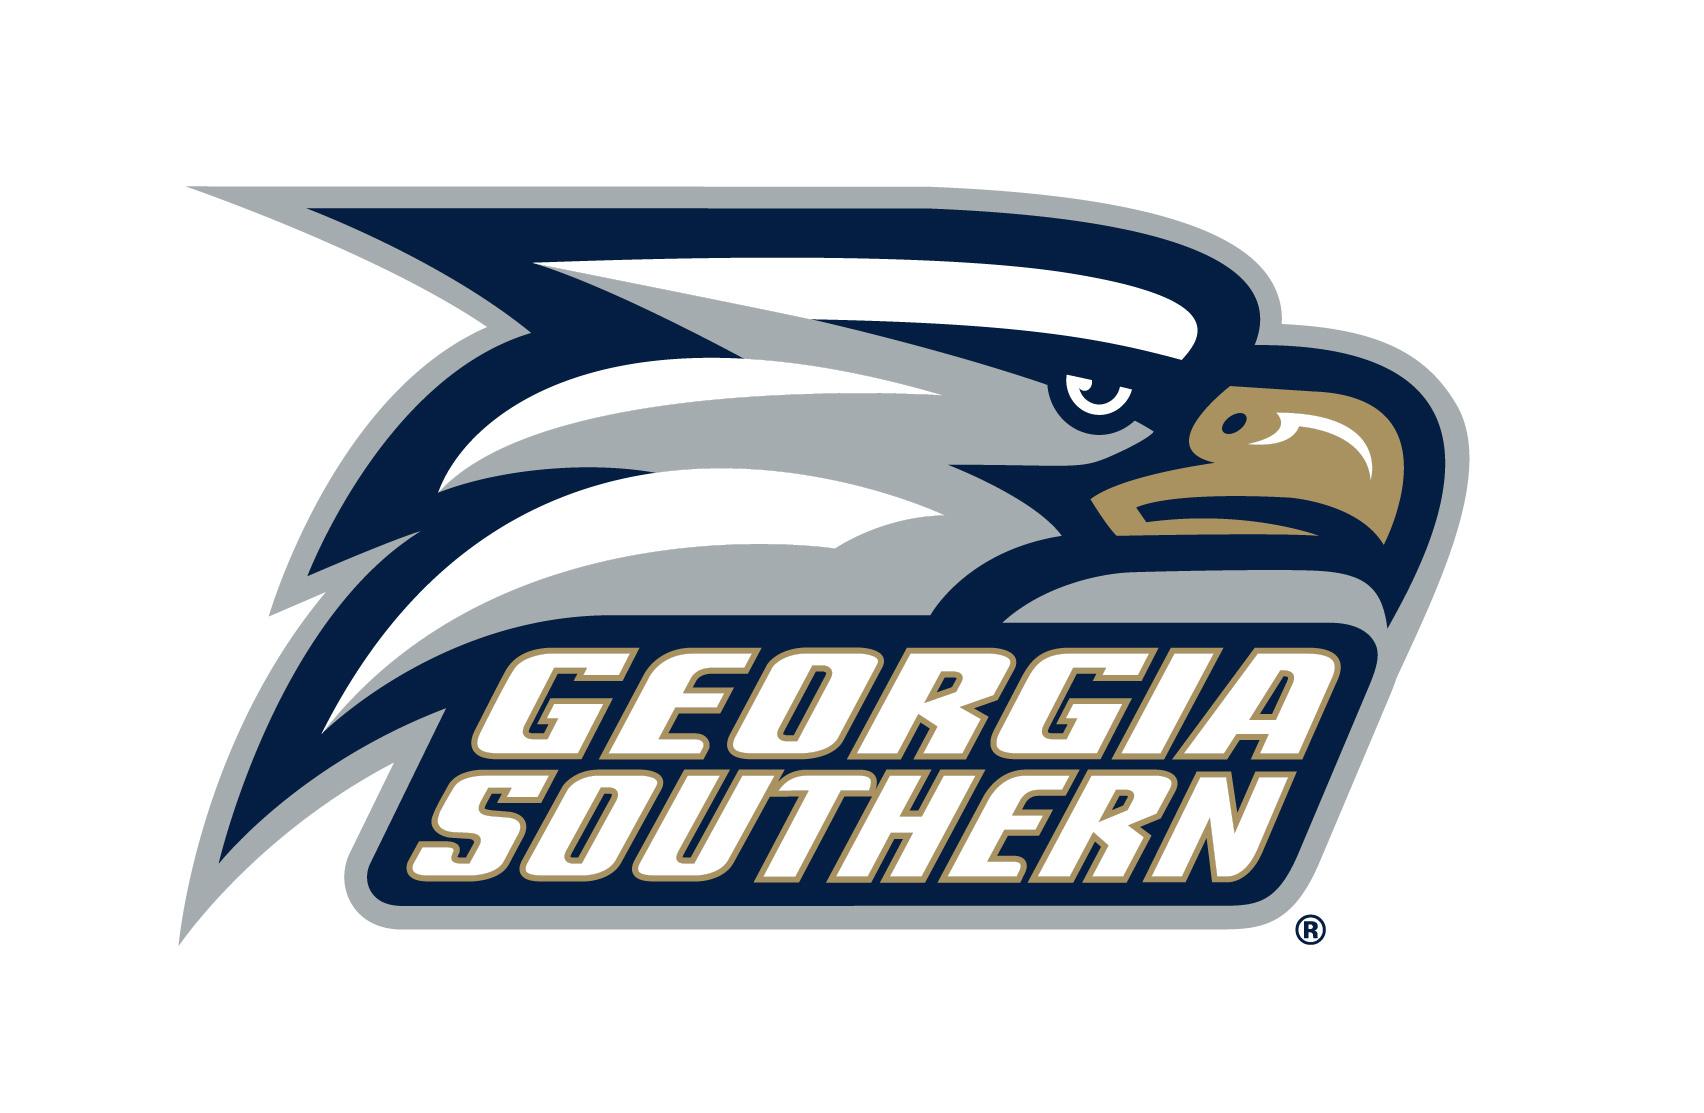 GEORGIA SOUTHERN NEW LOGO_1524970825128.jpg.jpg